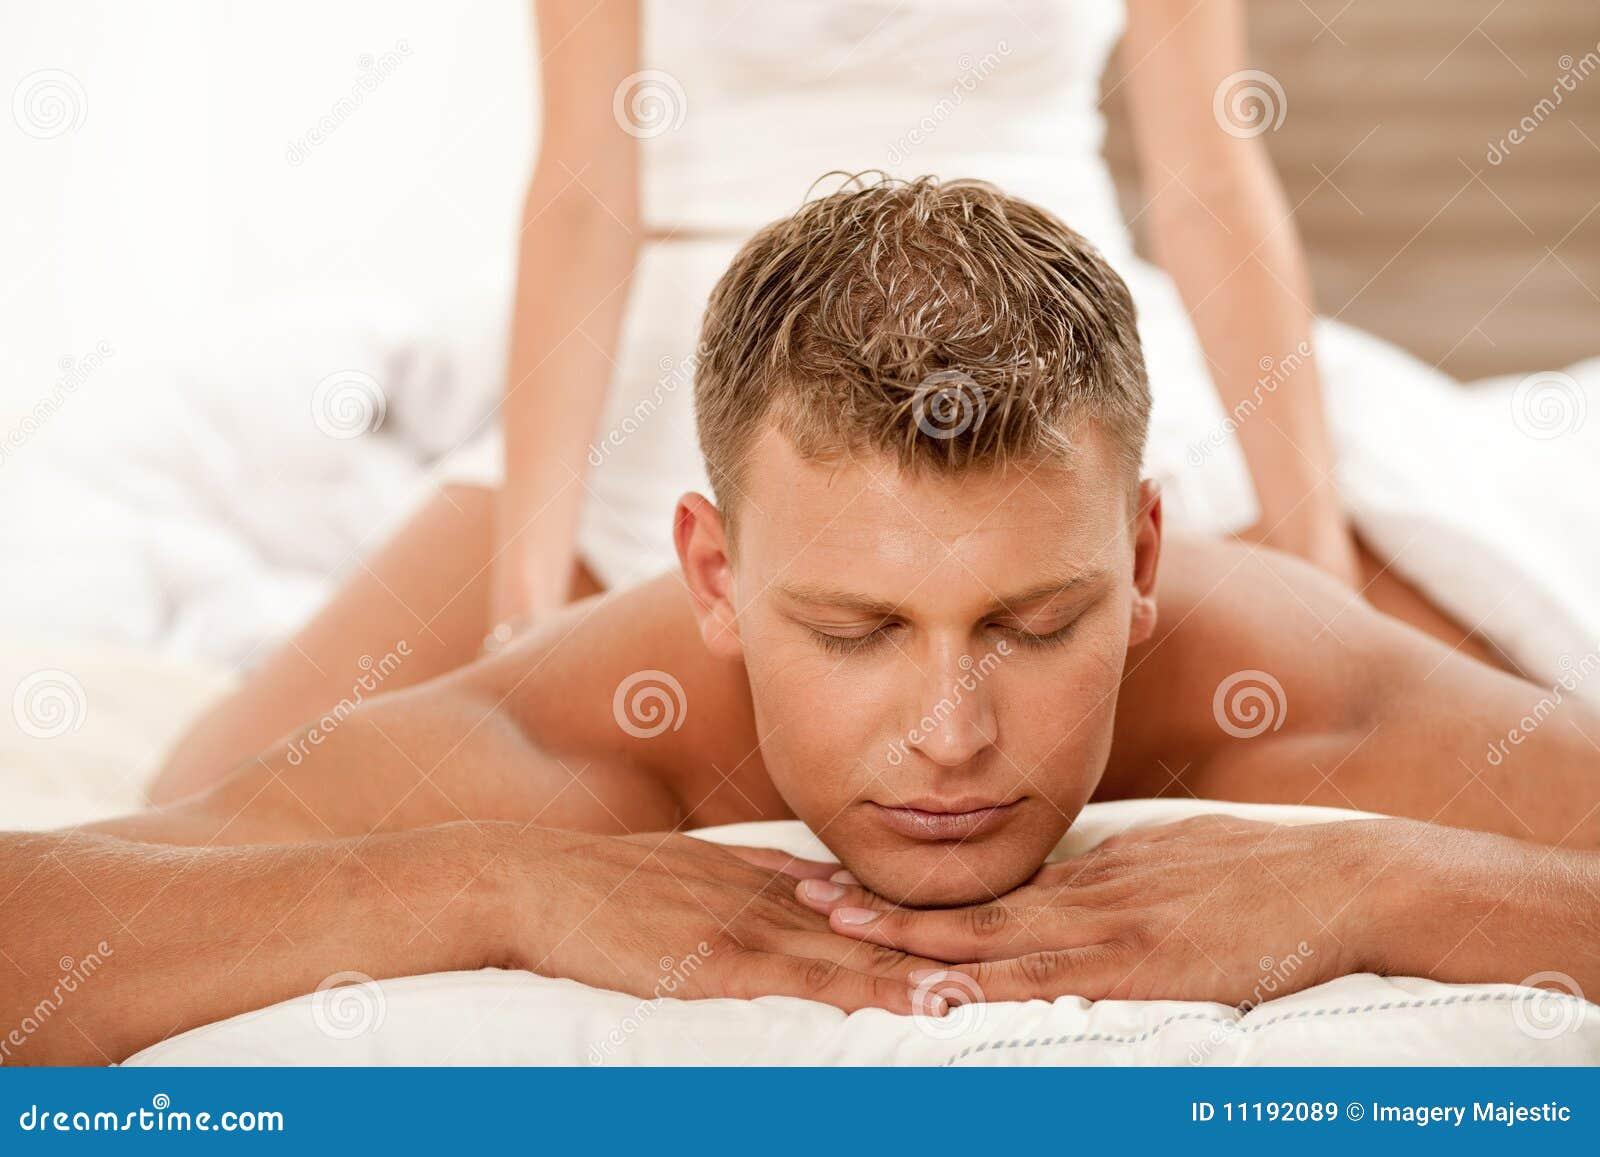 Эротический массаж в пскове 4 фотография